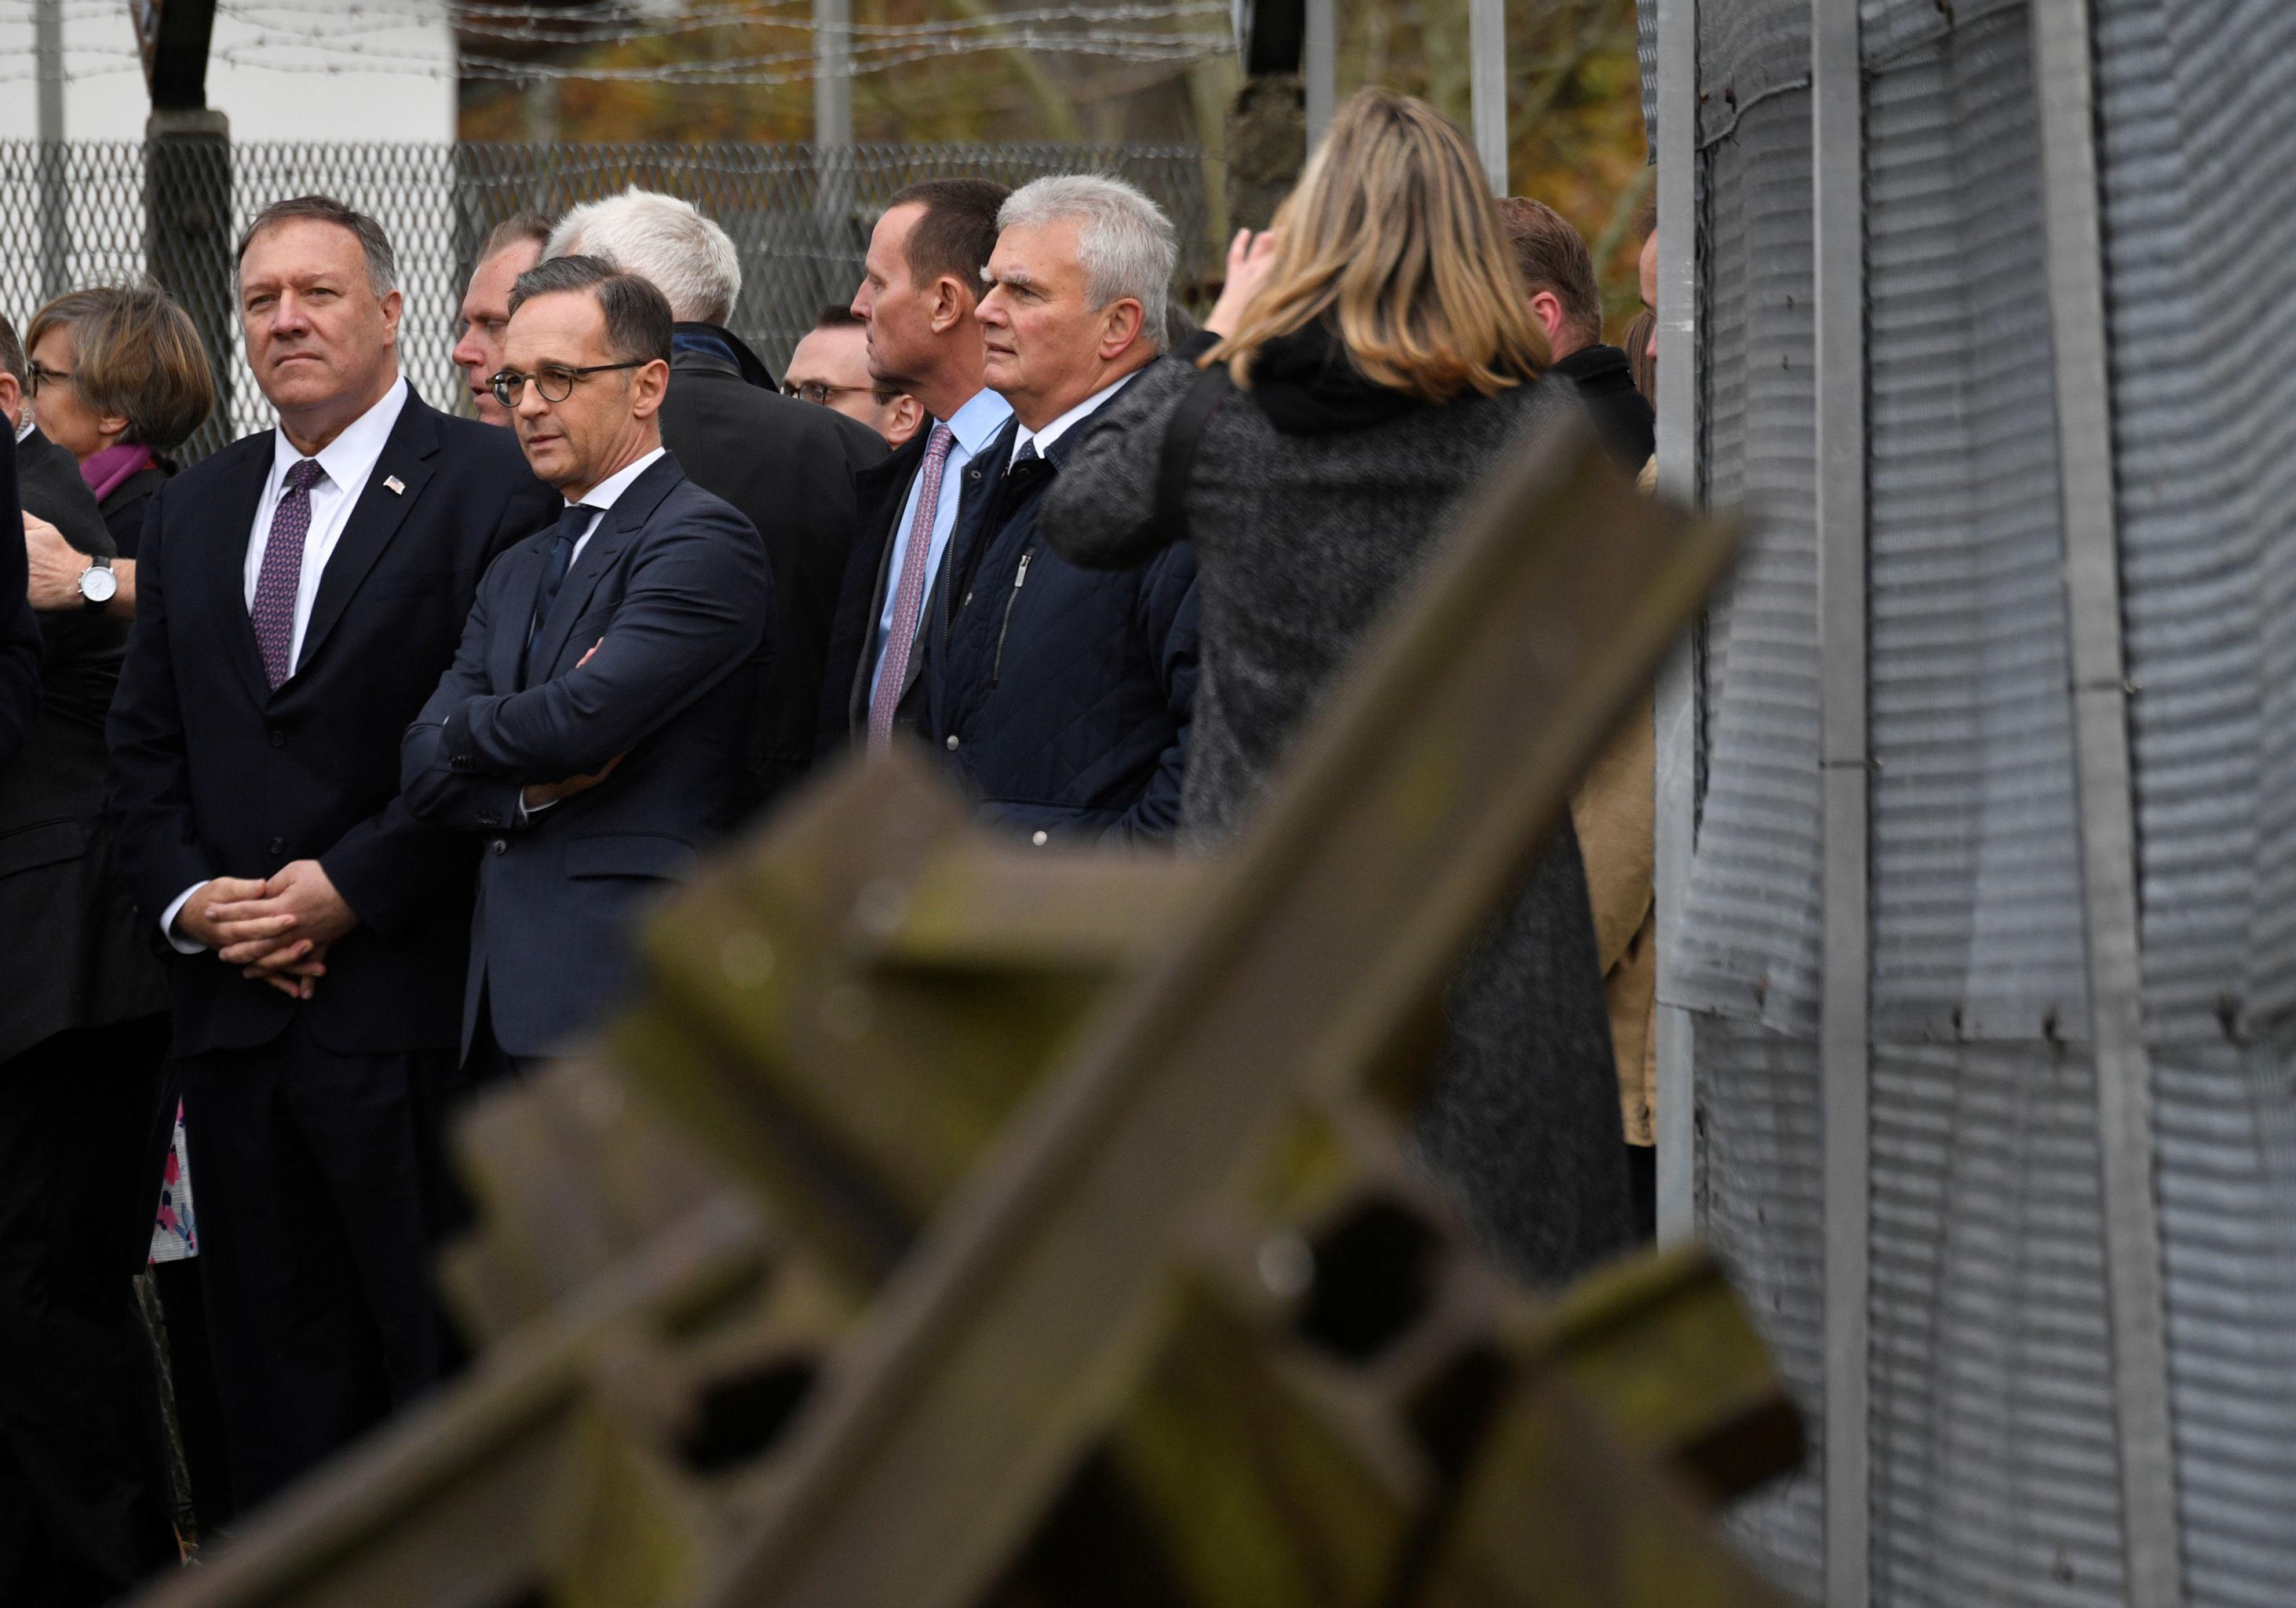 Secretario de Estado dos EUA, Mike Pompeo, e o ministro das Relações Exteriores da Alemanha, Heiko Maas, durante comemorações da queda do muro de Berlim, em 7 de novembro de 2019